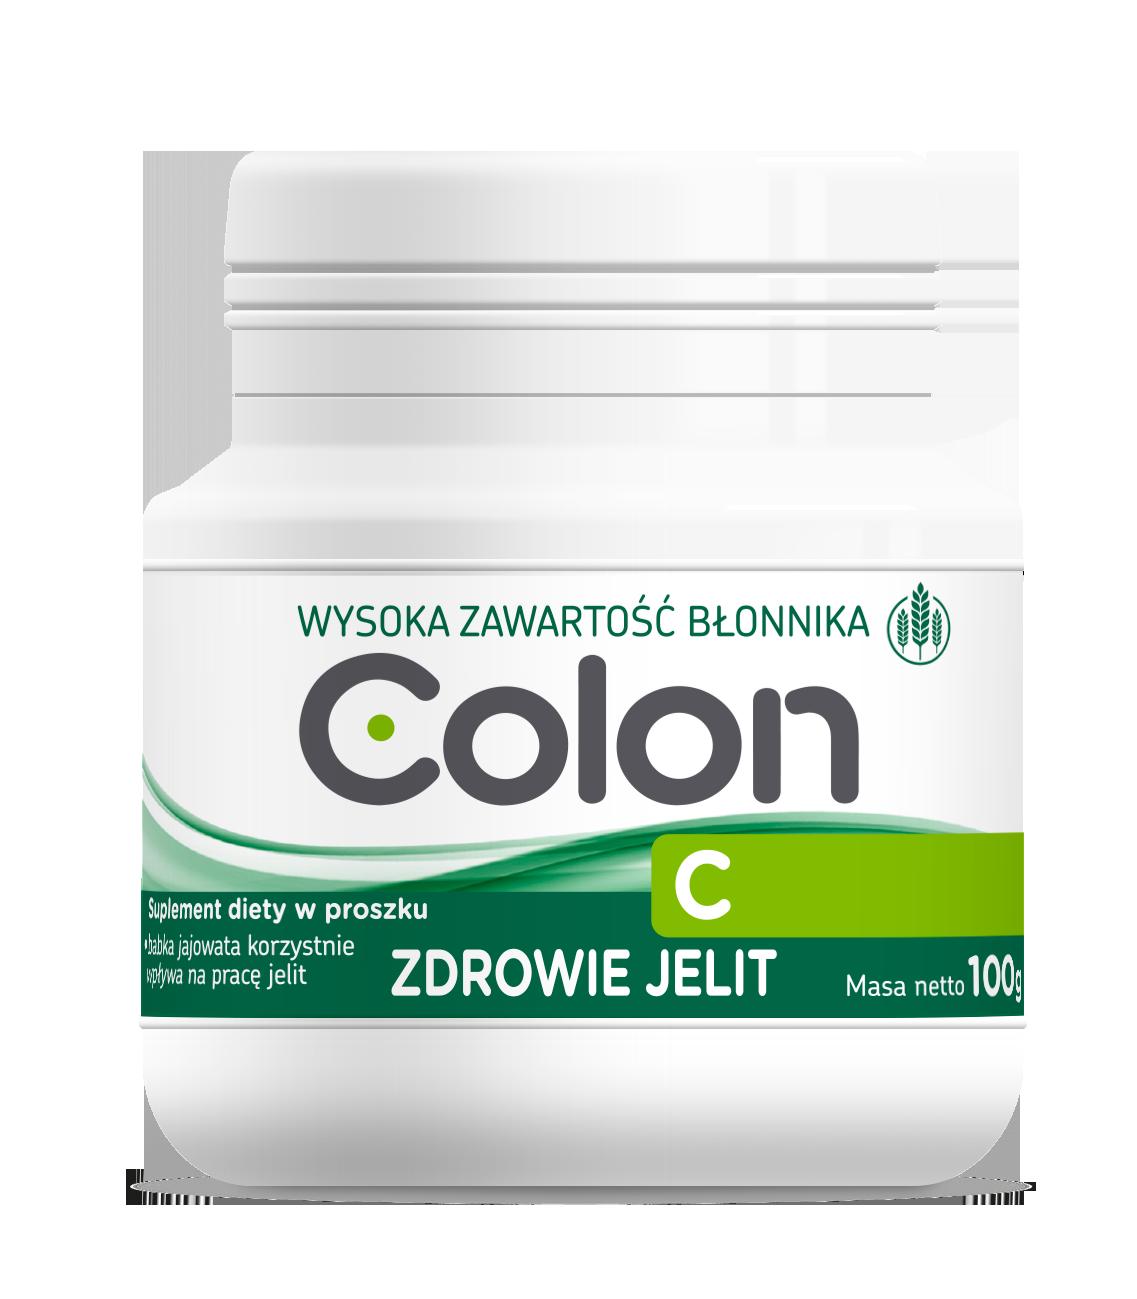 Colon C zdrowie jelit 100g